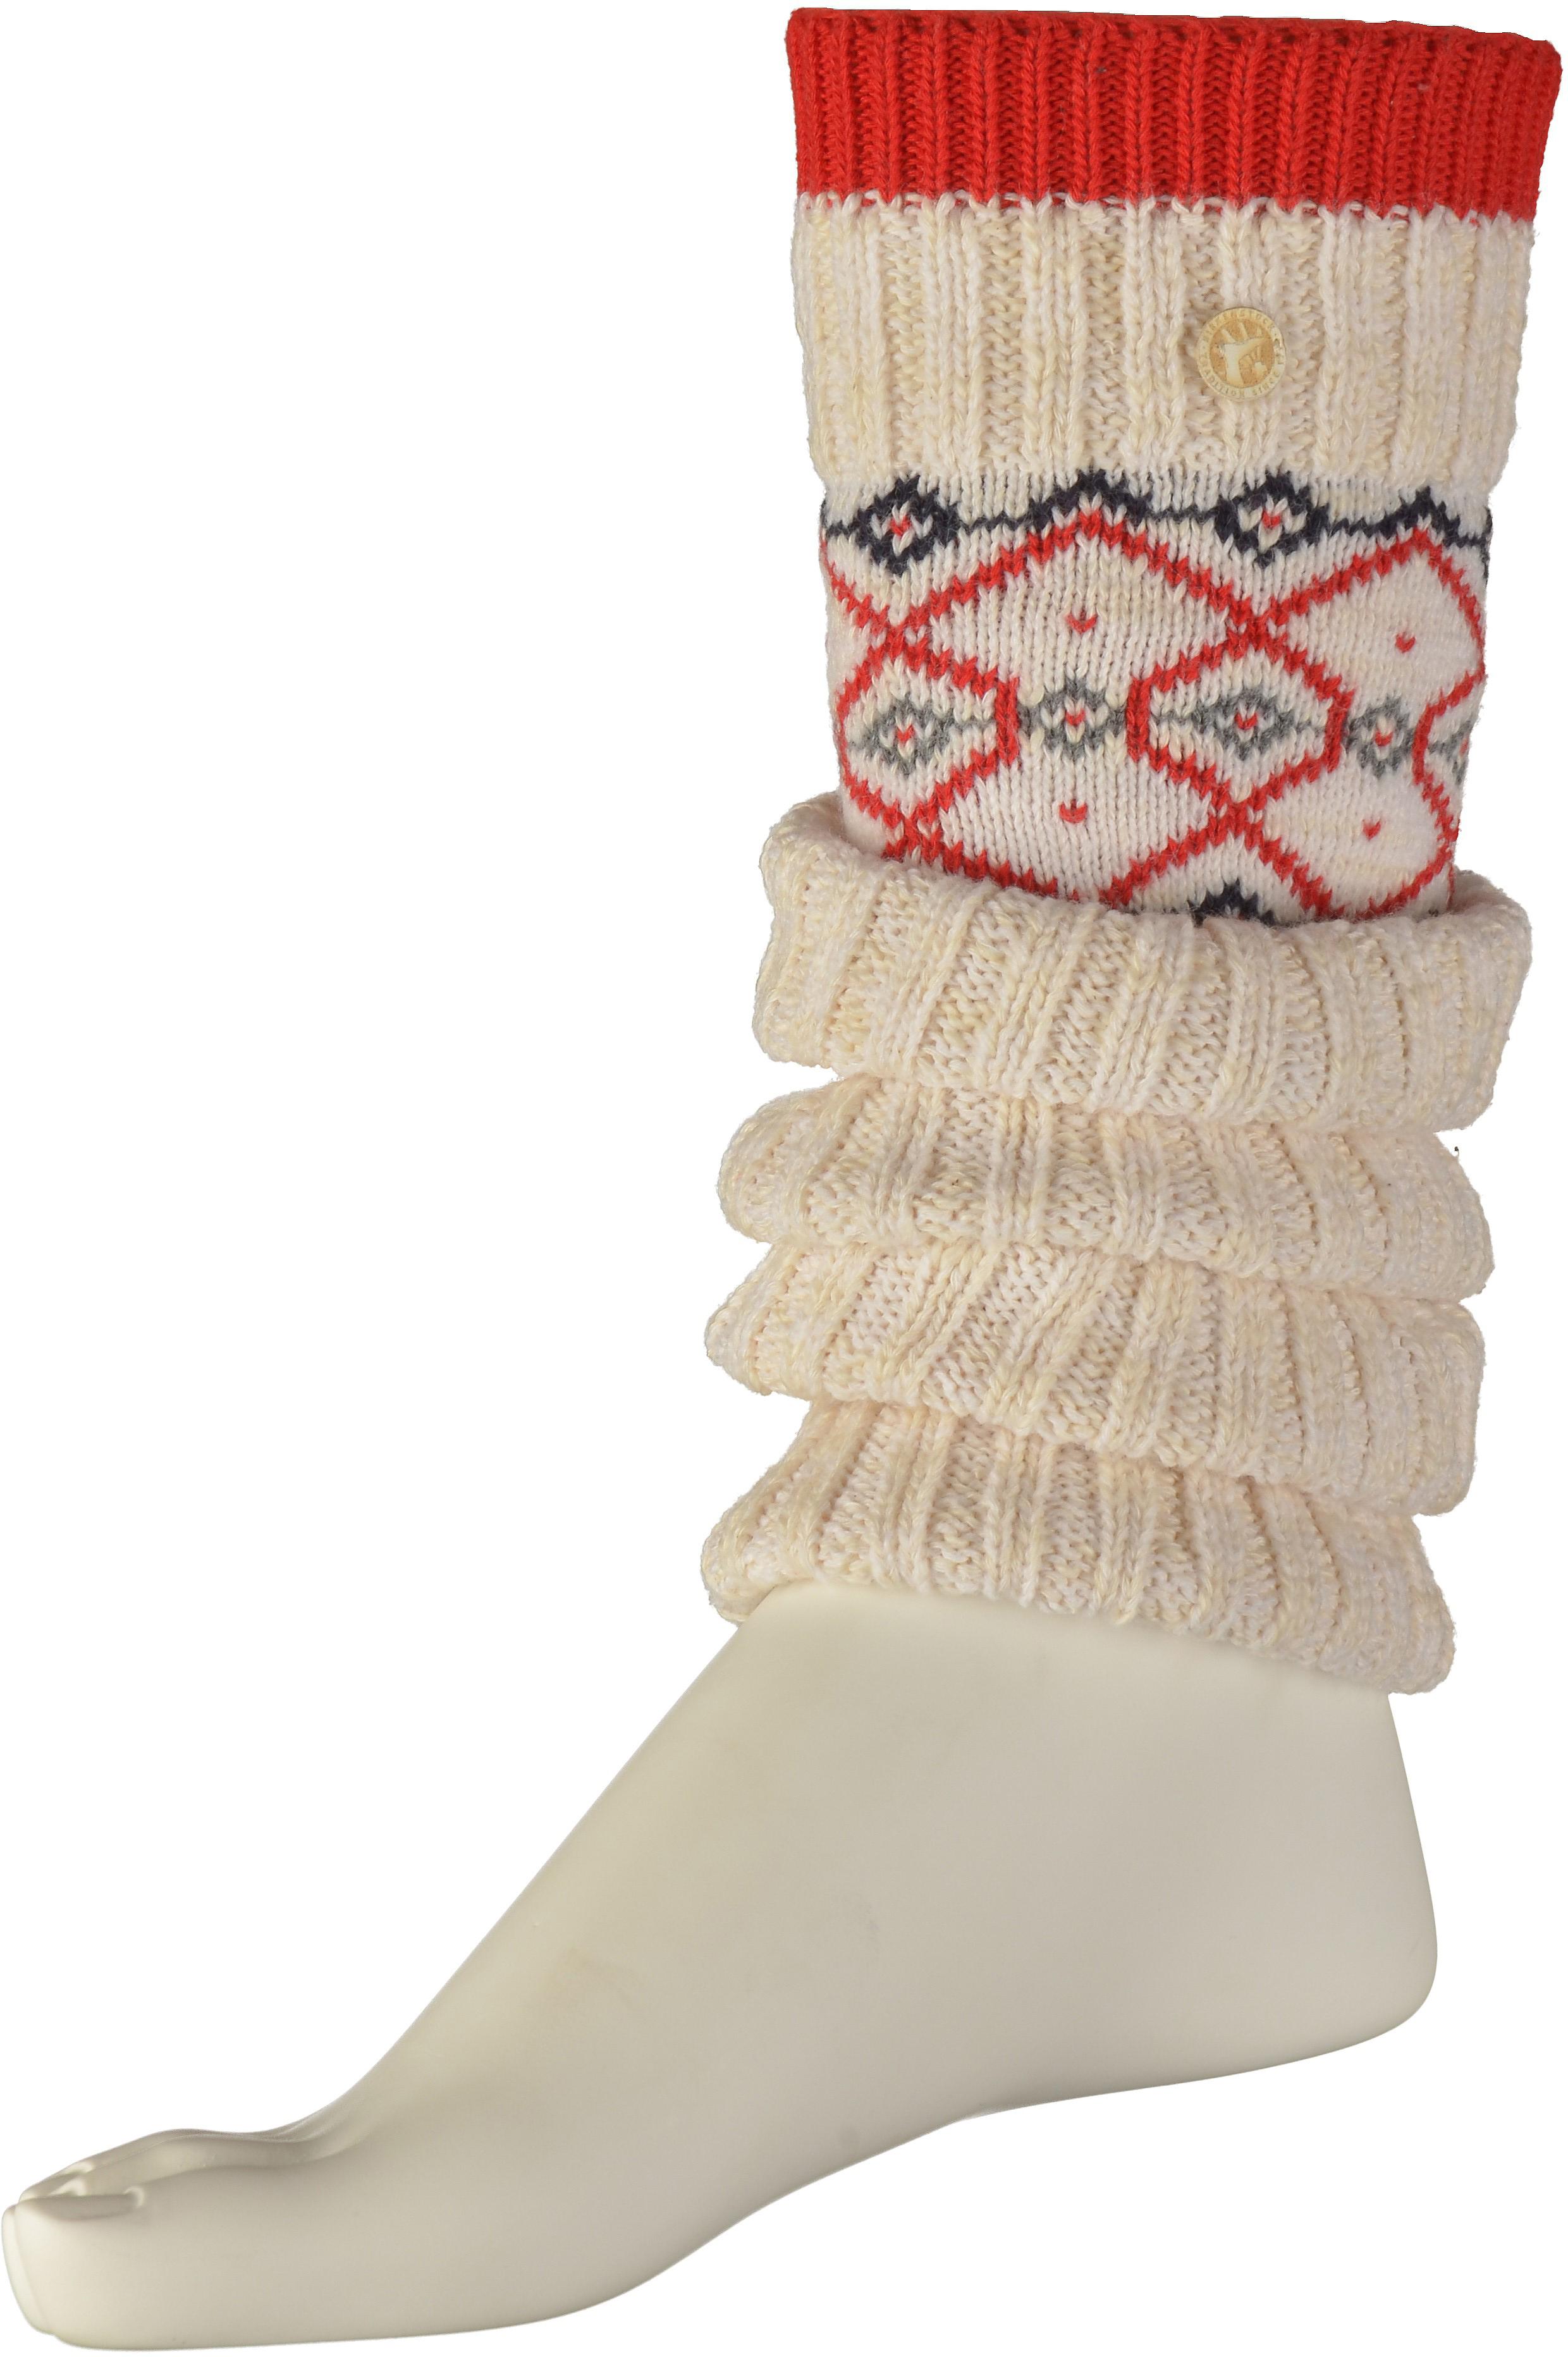 Birkenstock Inuit I Socken Baumwolle WeißRot